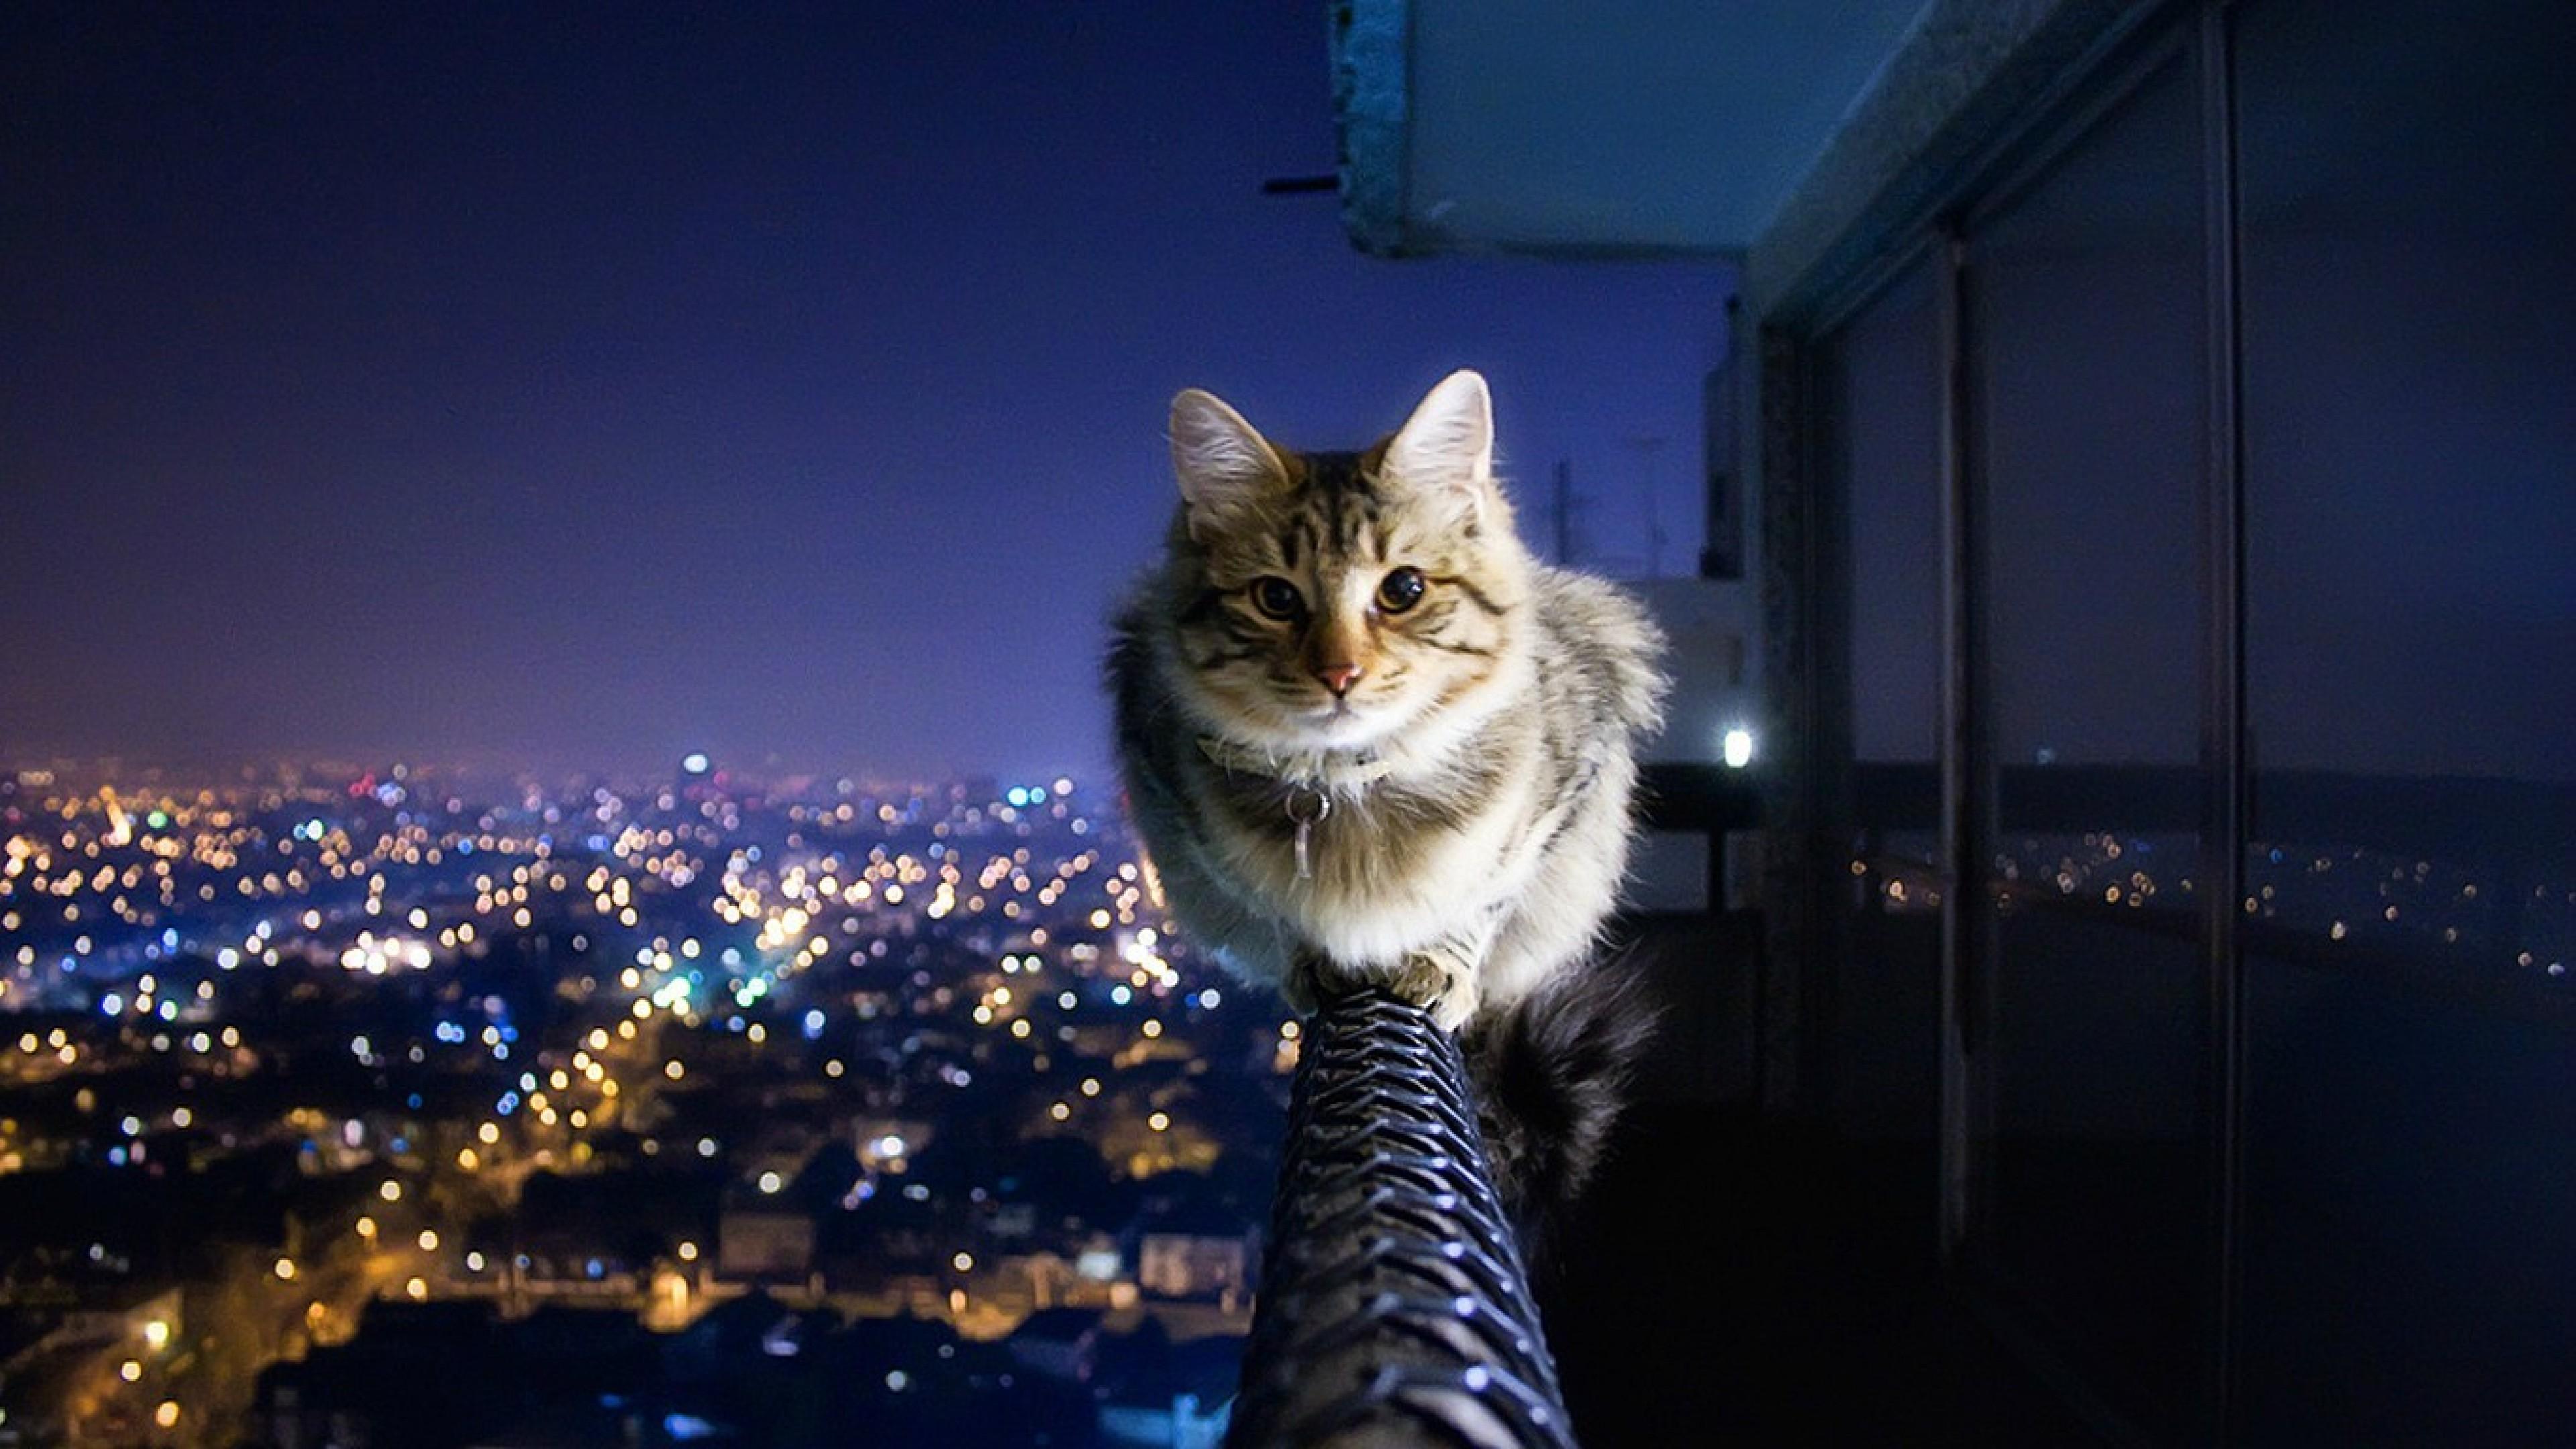 Cat Cityscape Hd Wallpaper 4k Ultra Hd Hd Wallpaper